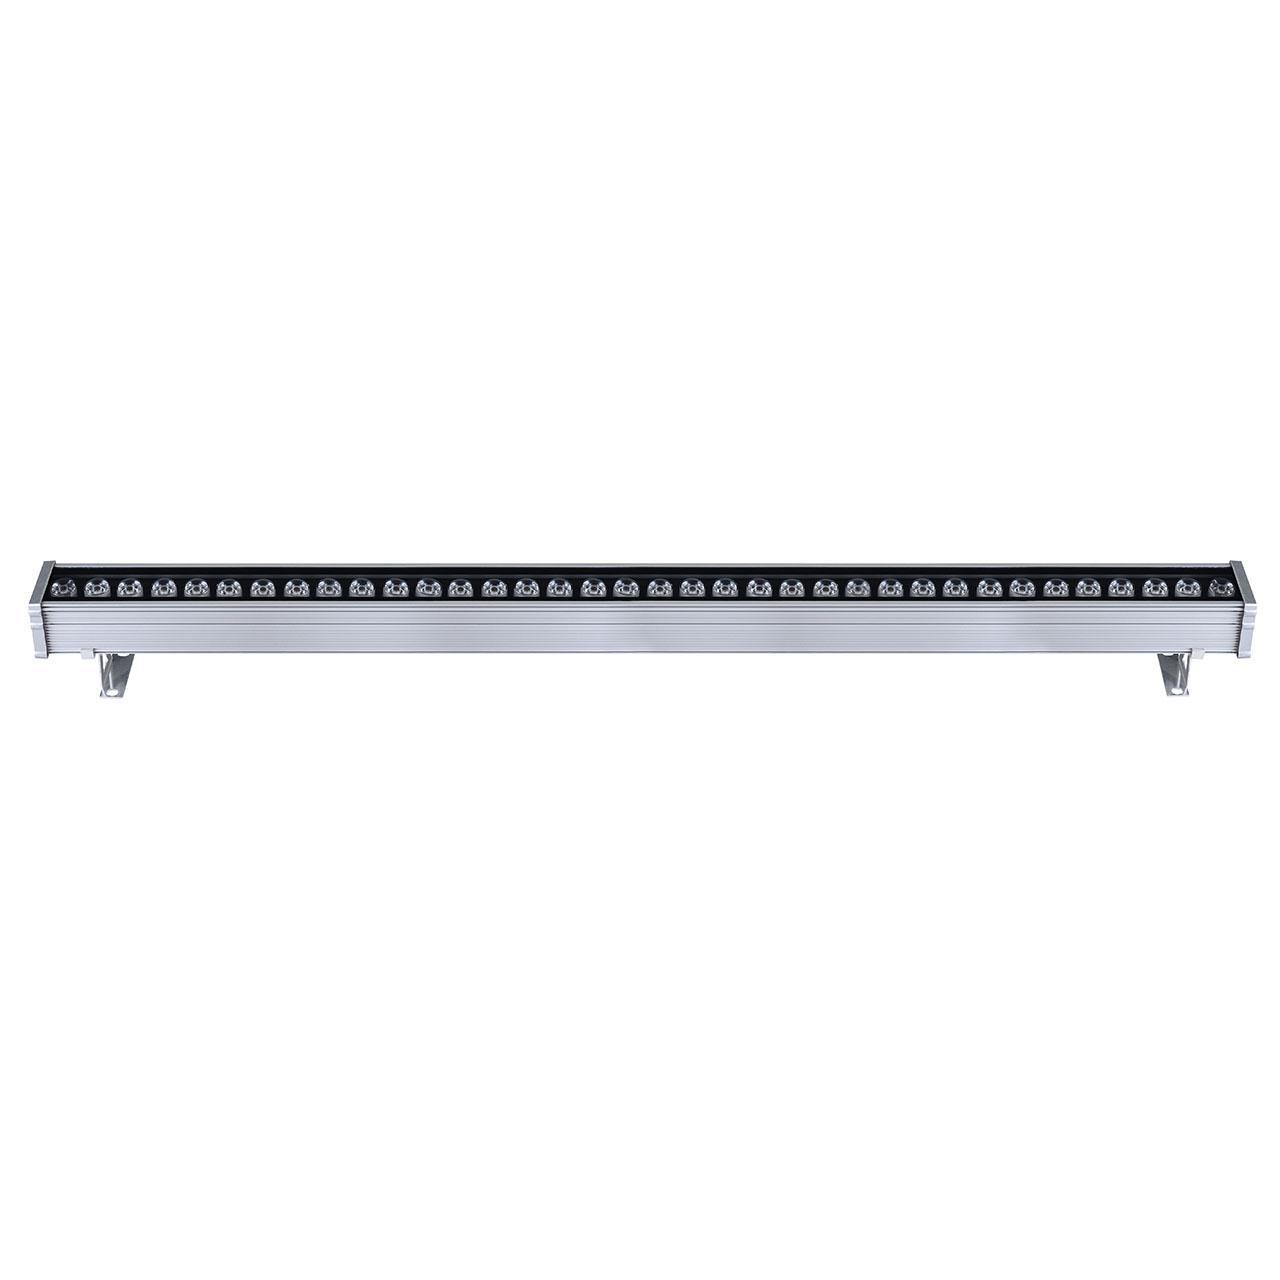 Уличный светодиодный светильник Horoz Regal 36W 3000K 109-001-0036 цена